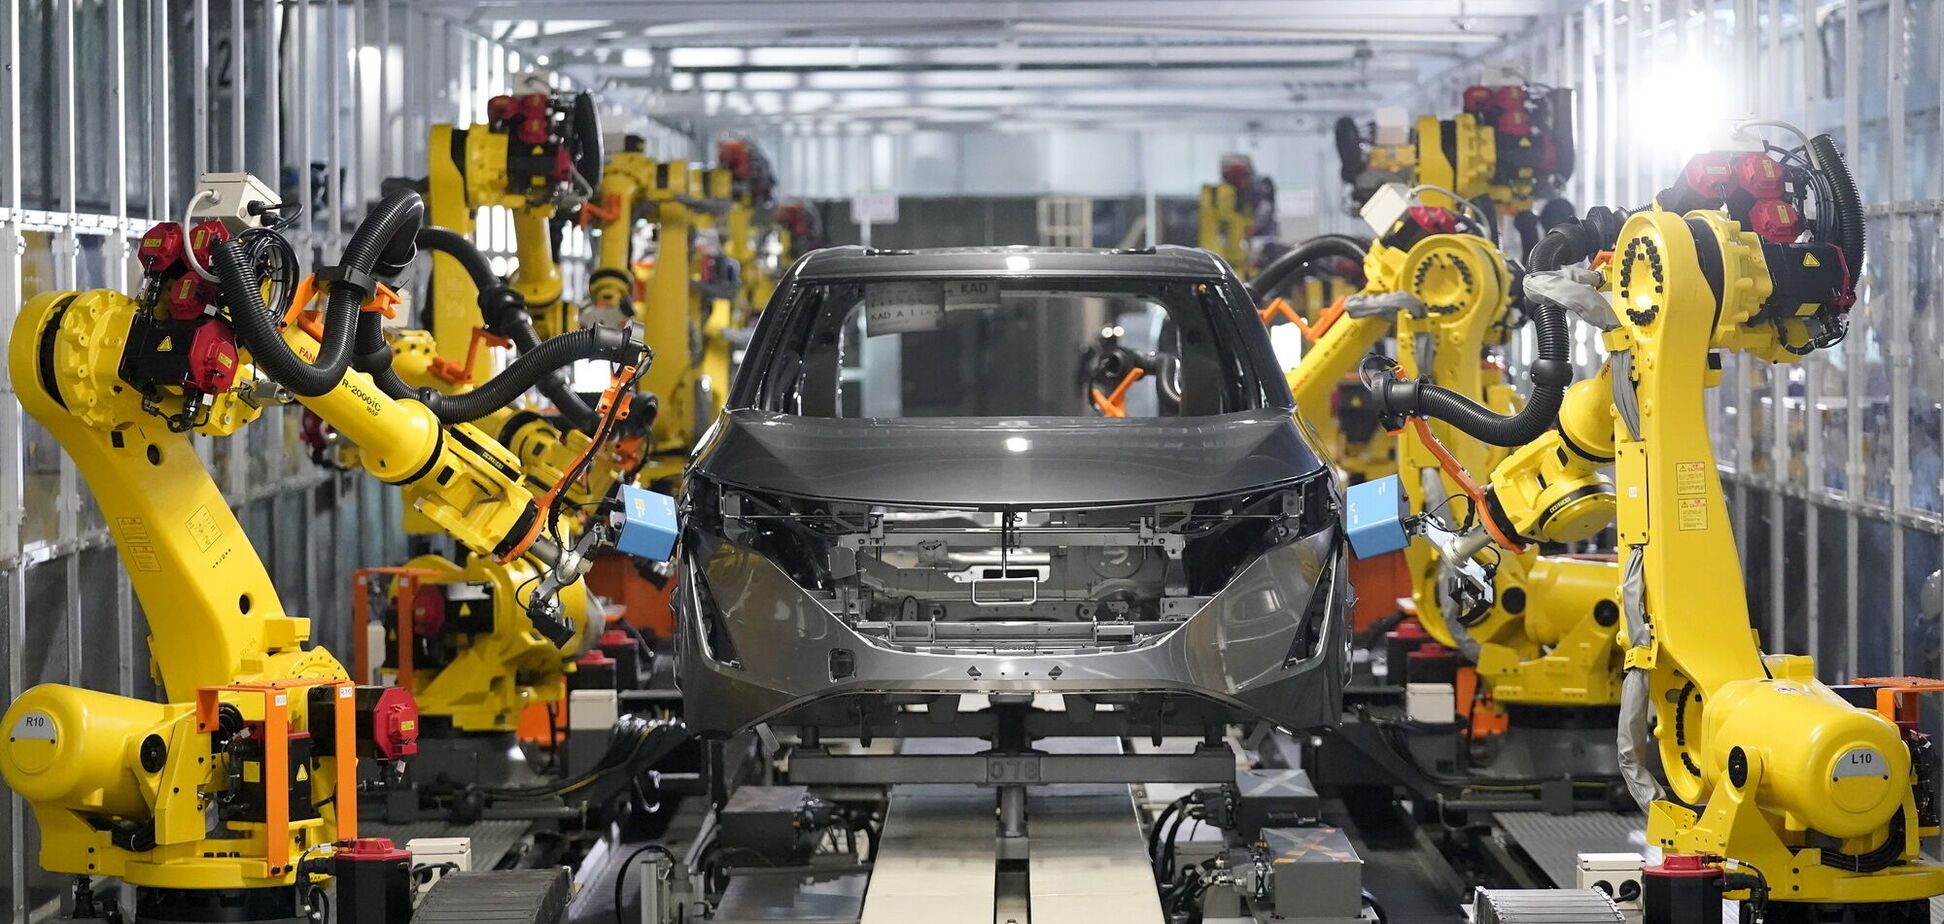 Компания Nissan представила 'Интеллектуальную фабрику'